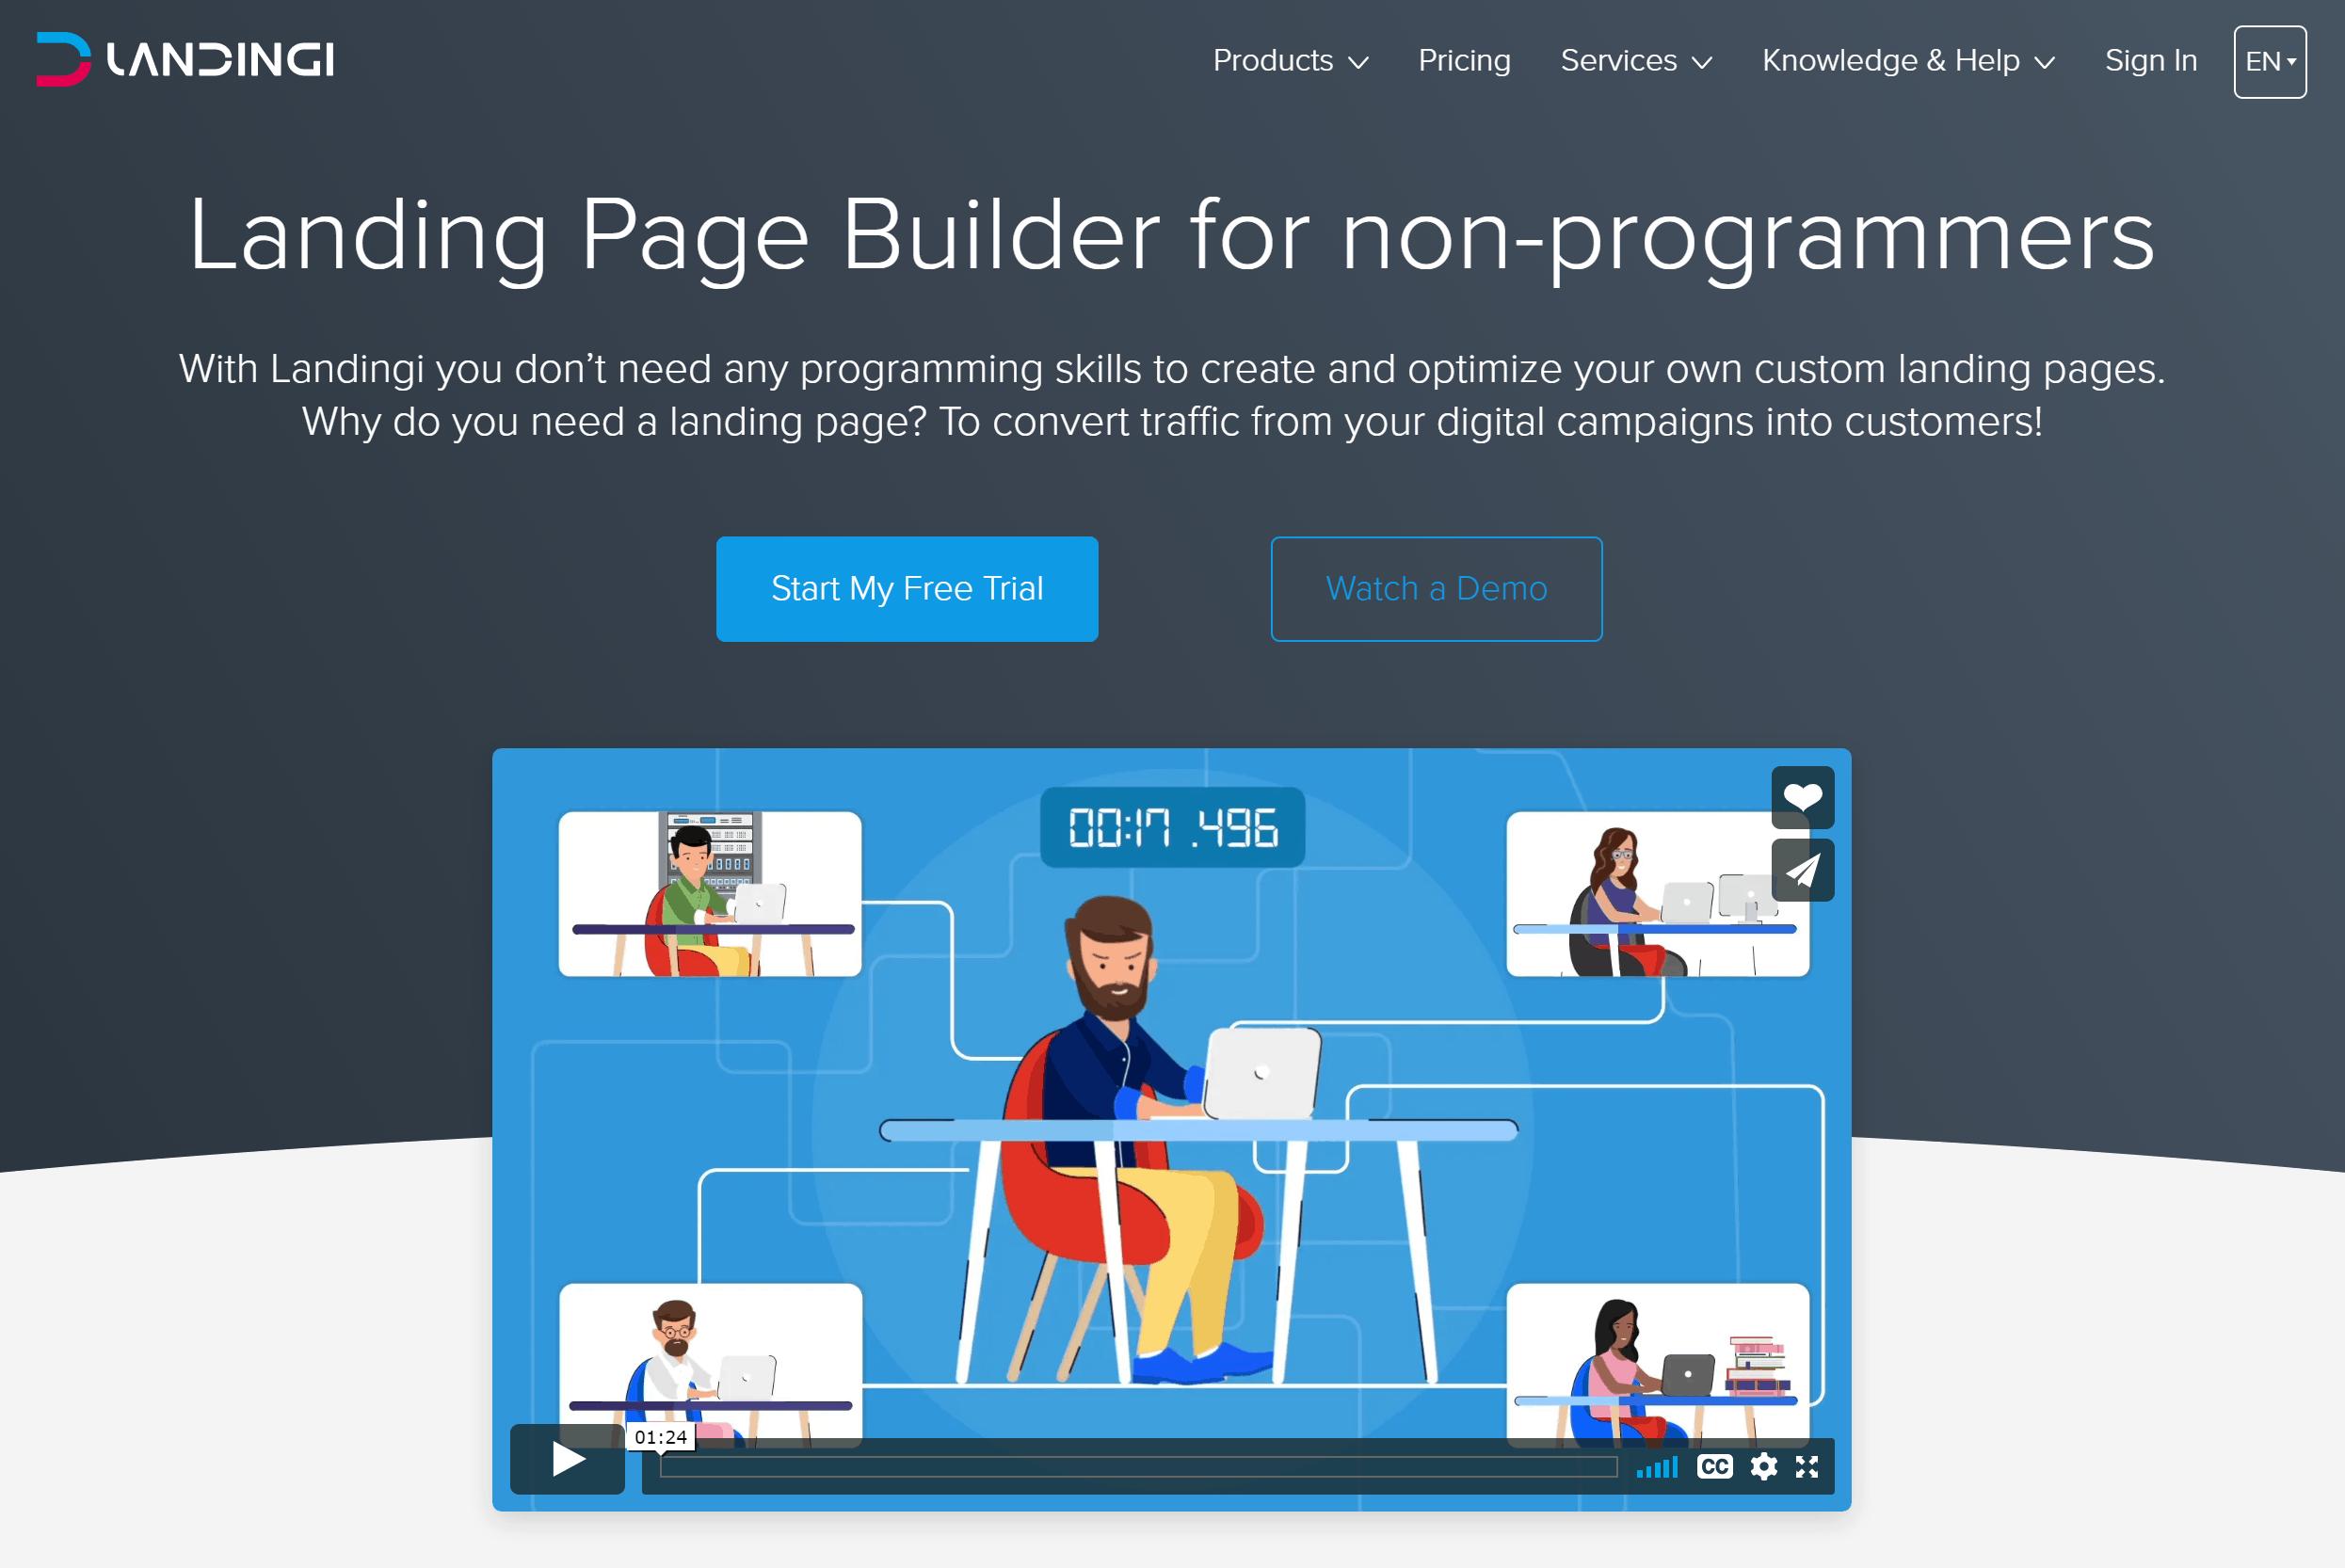 Landingi Sales Funnel Builder Home Page